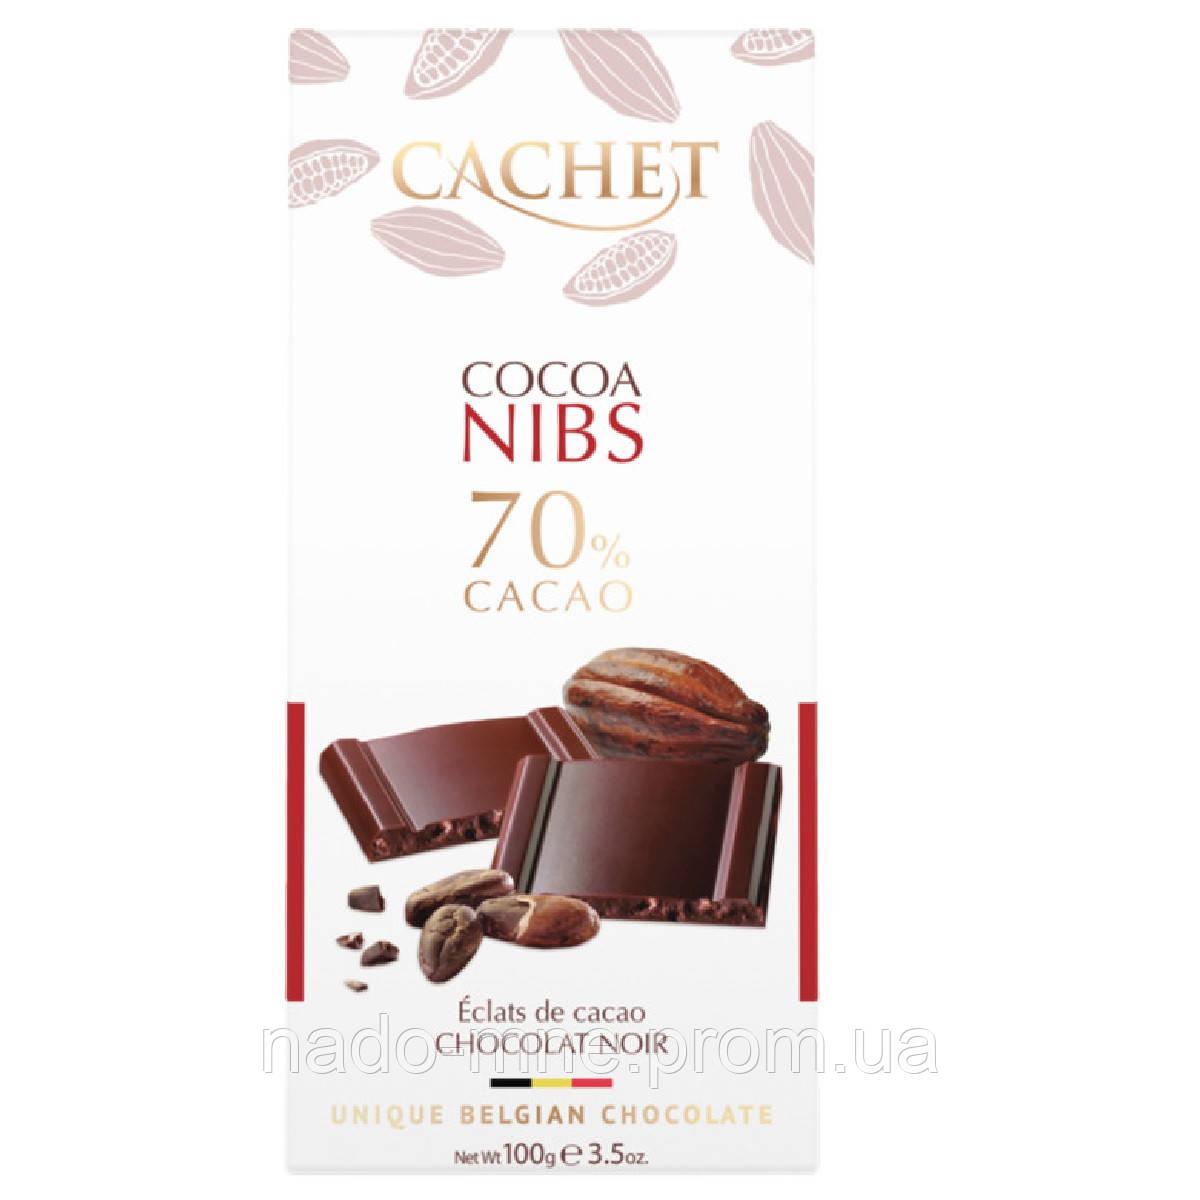 Шоколад Cachet Cocoa Nibs